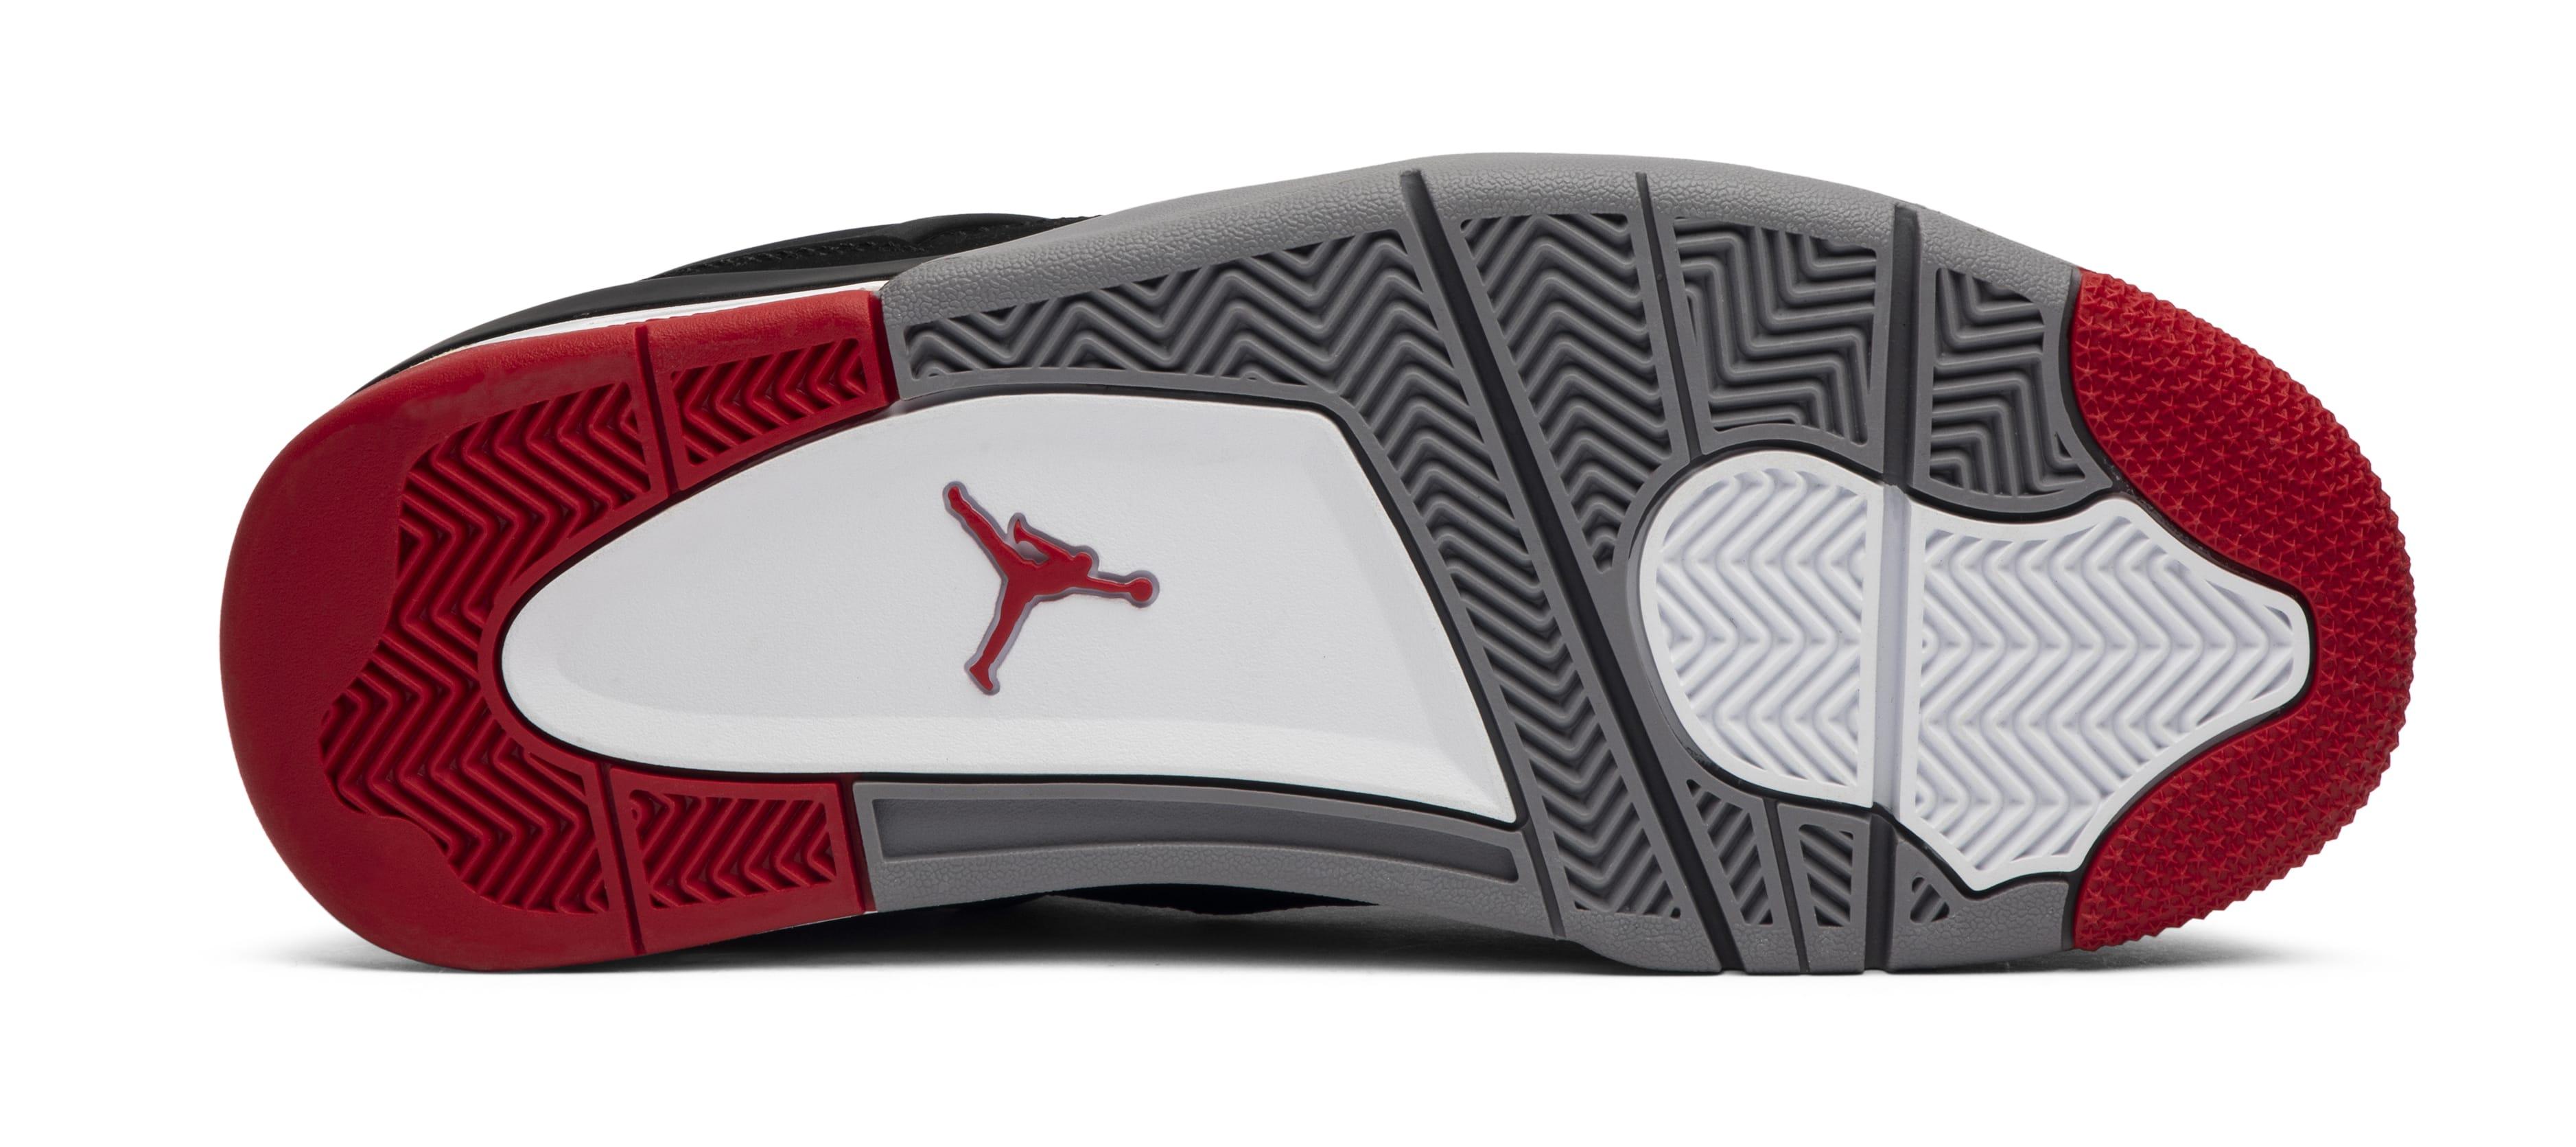 Air Jordan 4 'Bred' 2012 (Outsole)